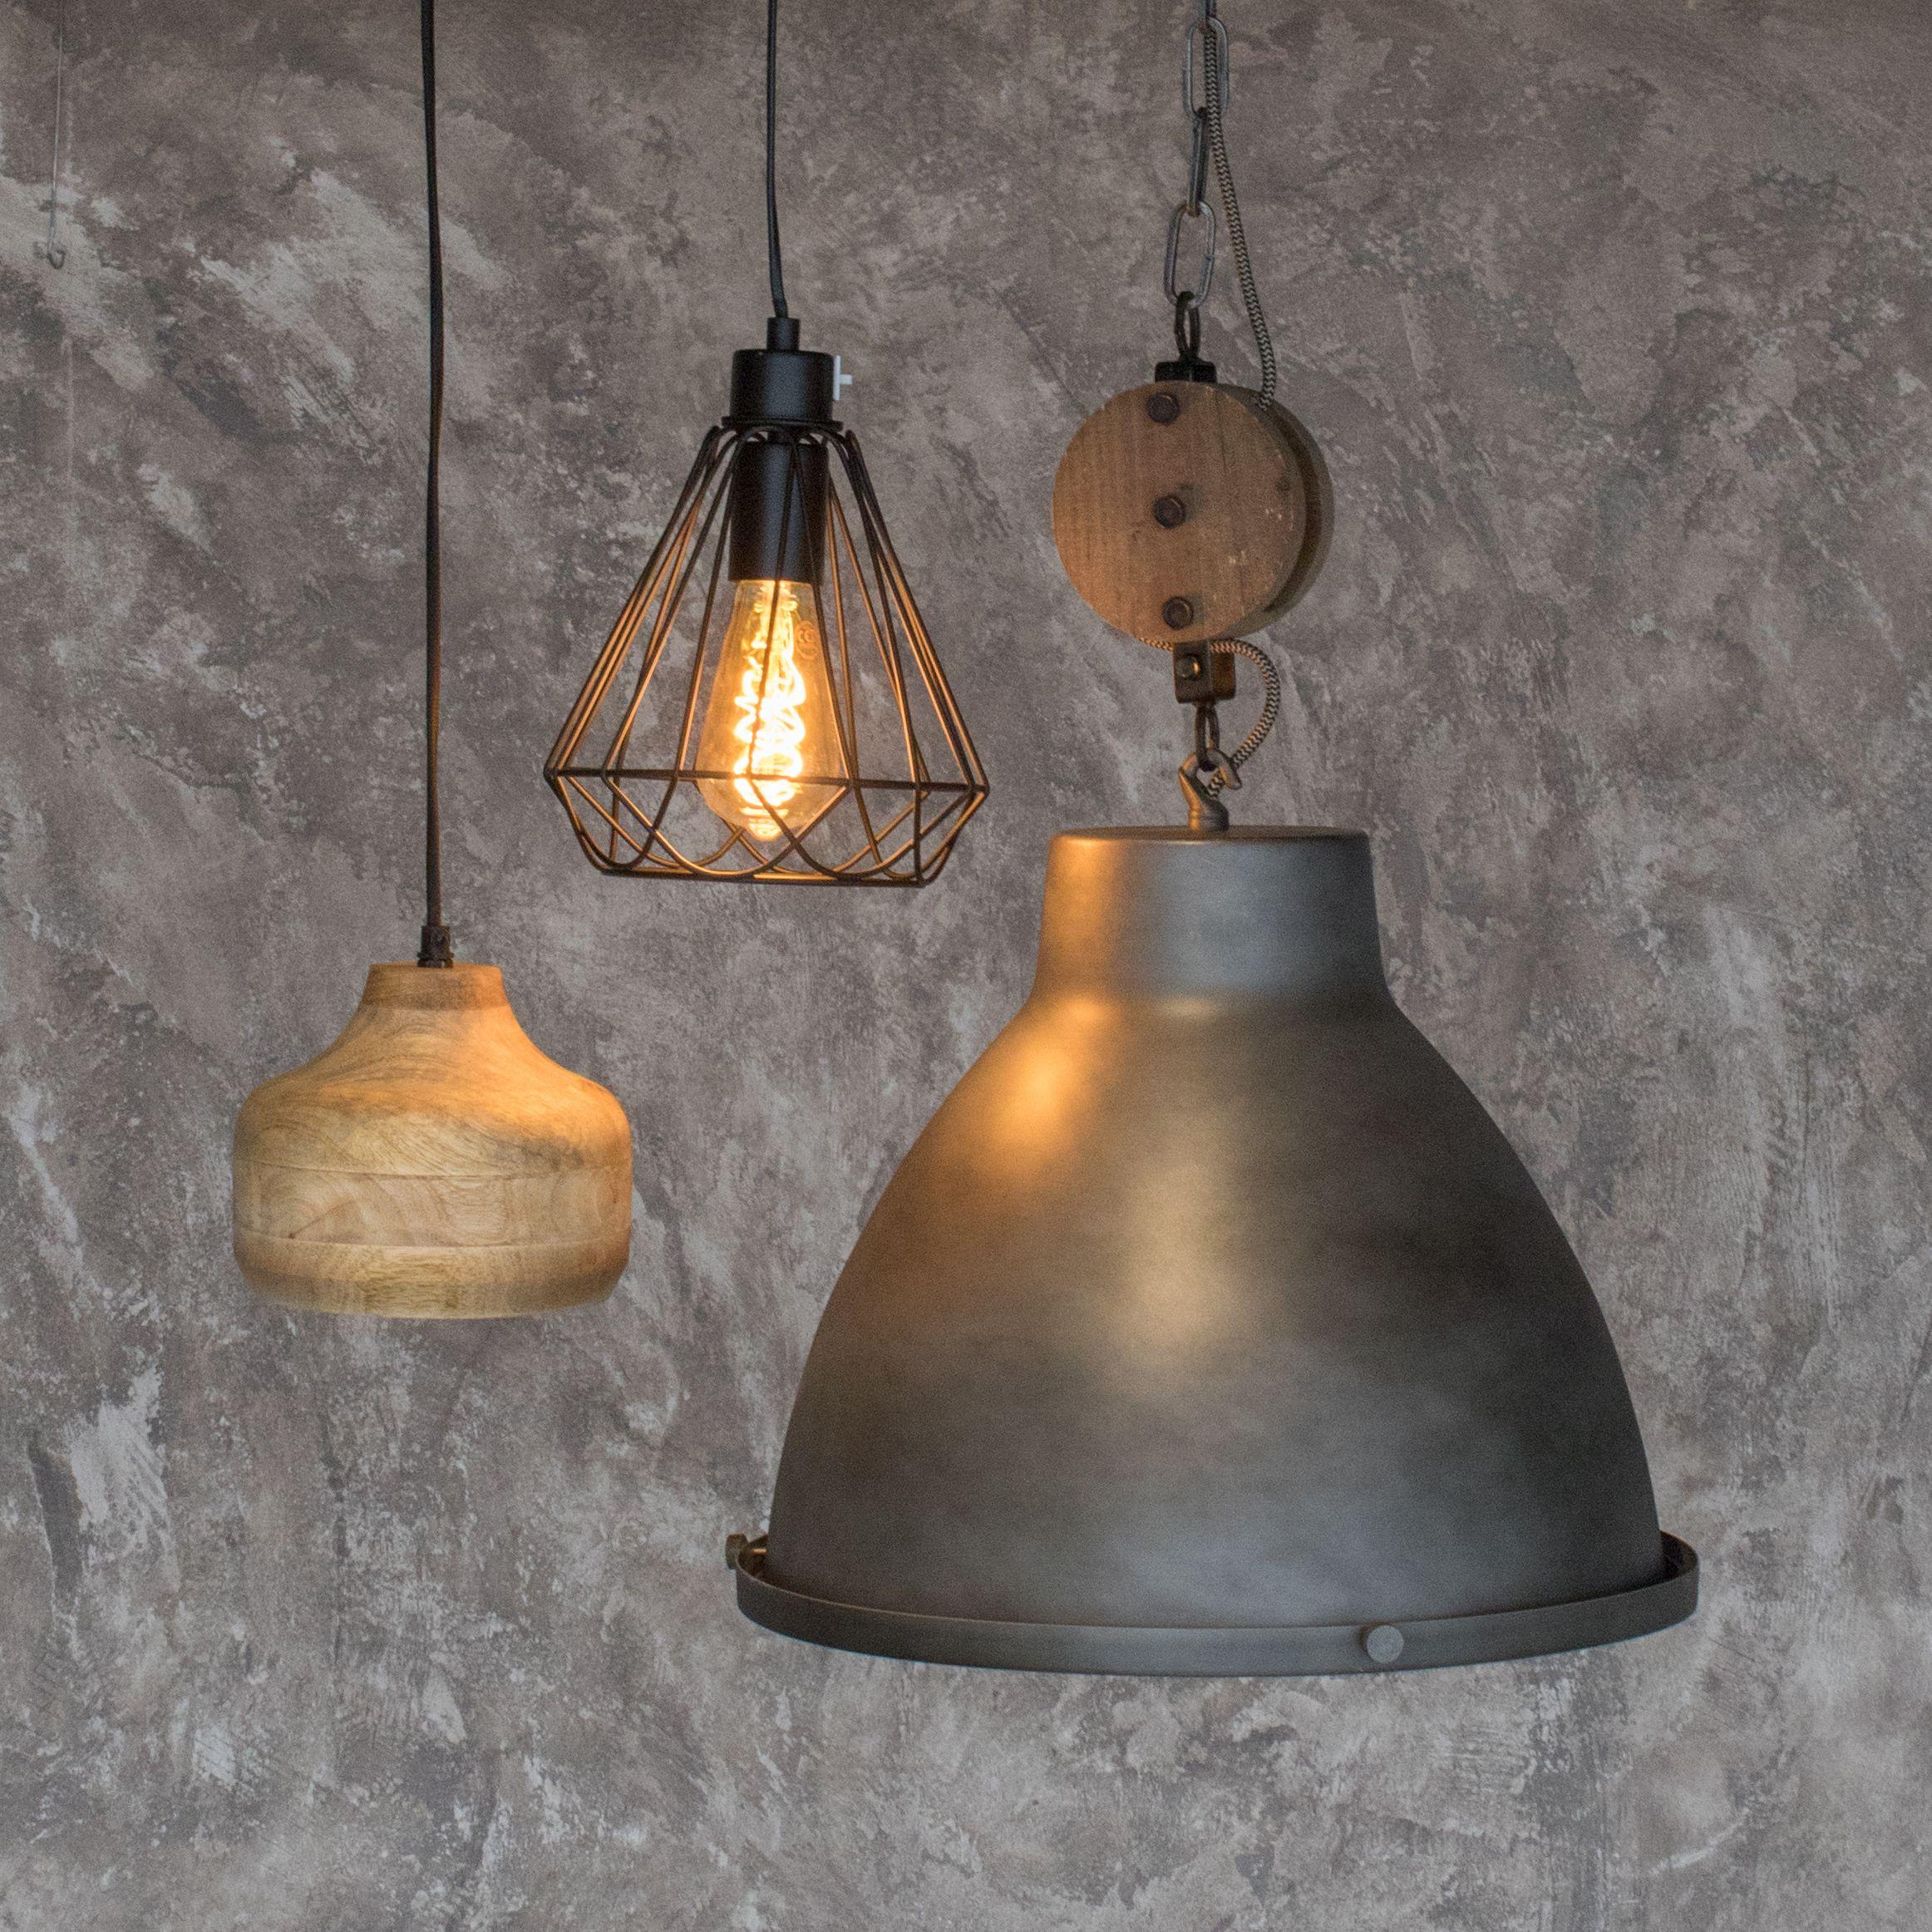 Anders Dan Anders Dat Vinden Wij Leuk Ga Voor Verschillende Soorten Lampen Voor Een Leuk Interieur Dok2 Interiorinspo Woonins Hanglamp Verlichting Lampen